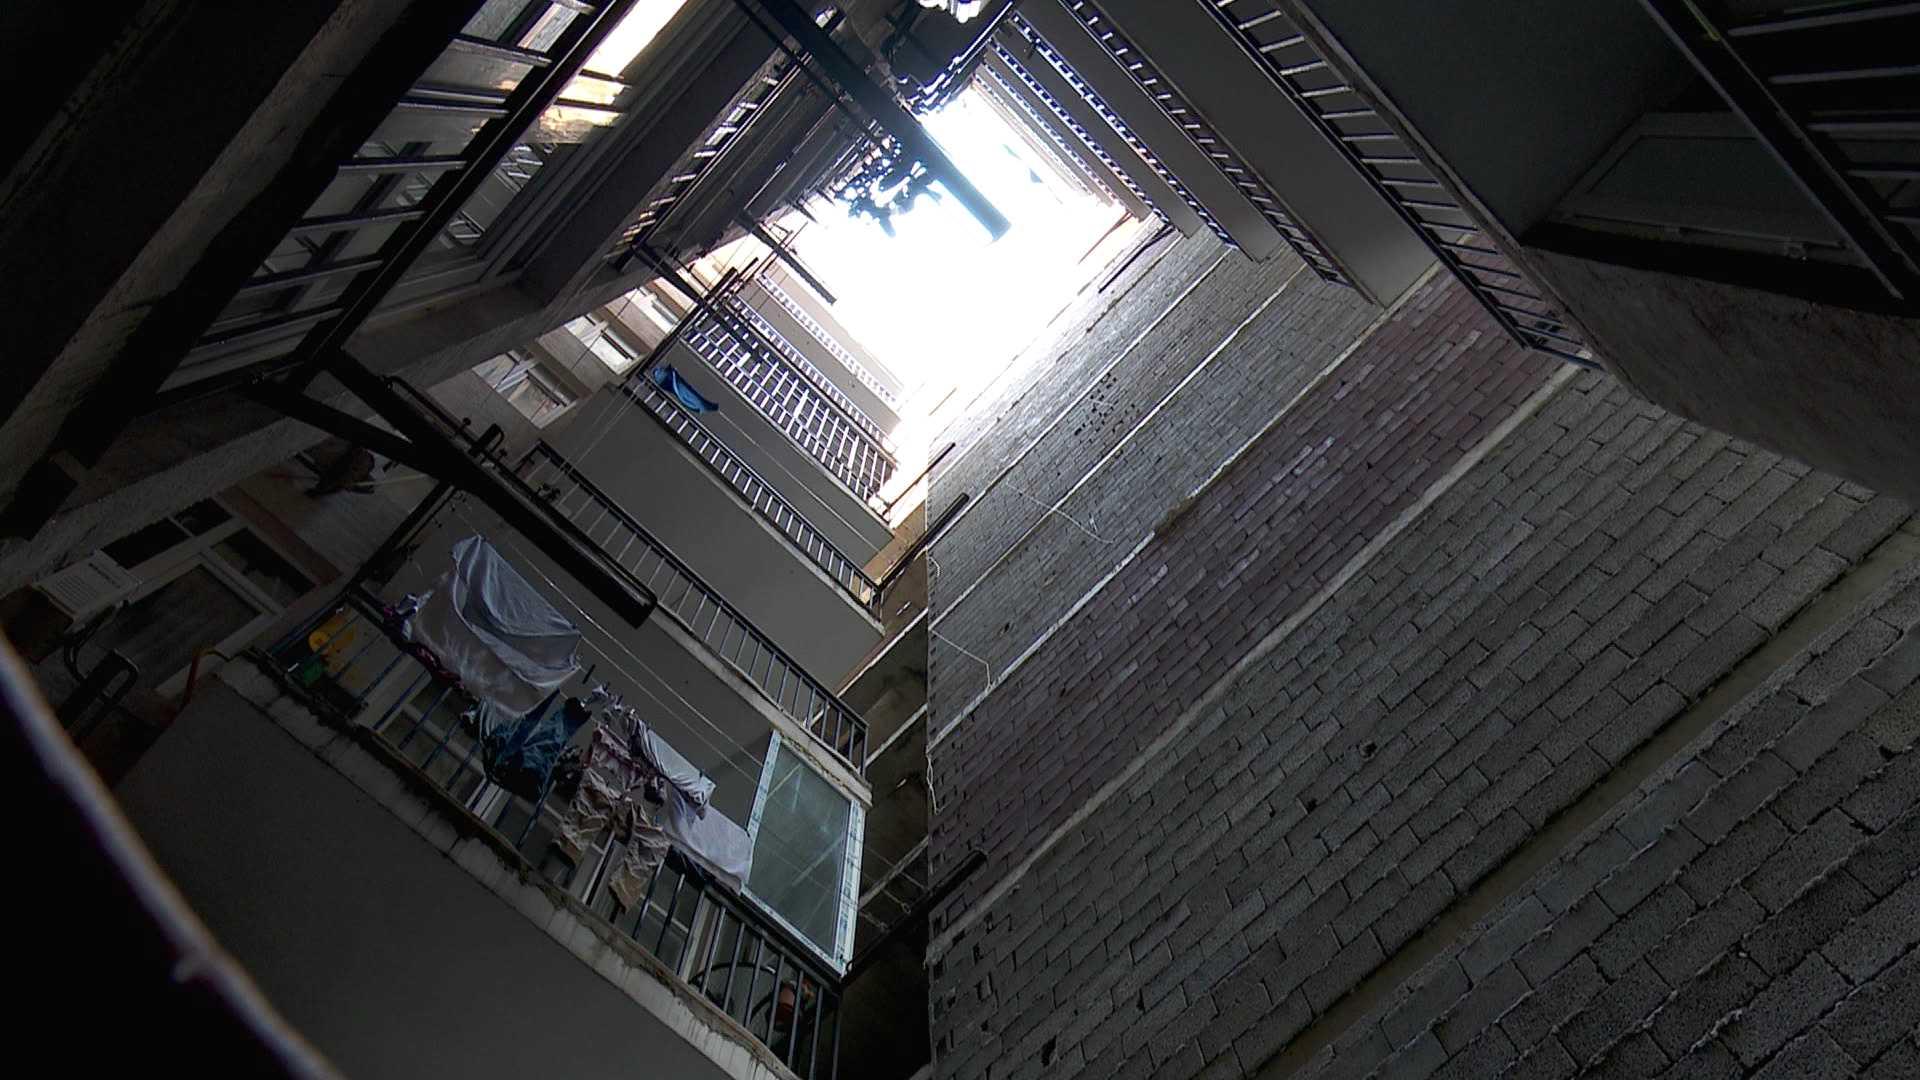 კედელი ფანჯარასთან - სამშენებლო კანონმდებლობის ხარვეზის შედეგი